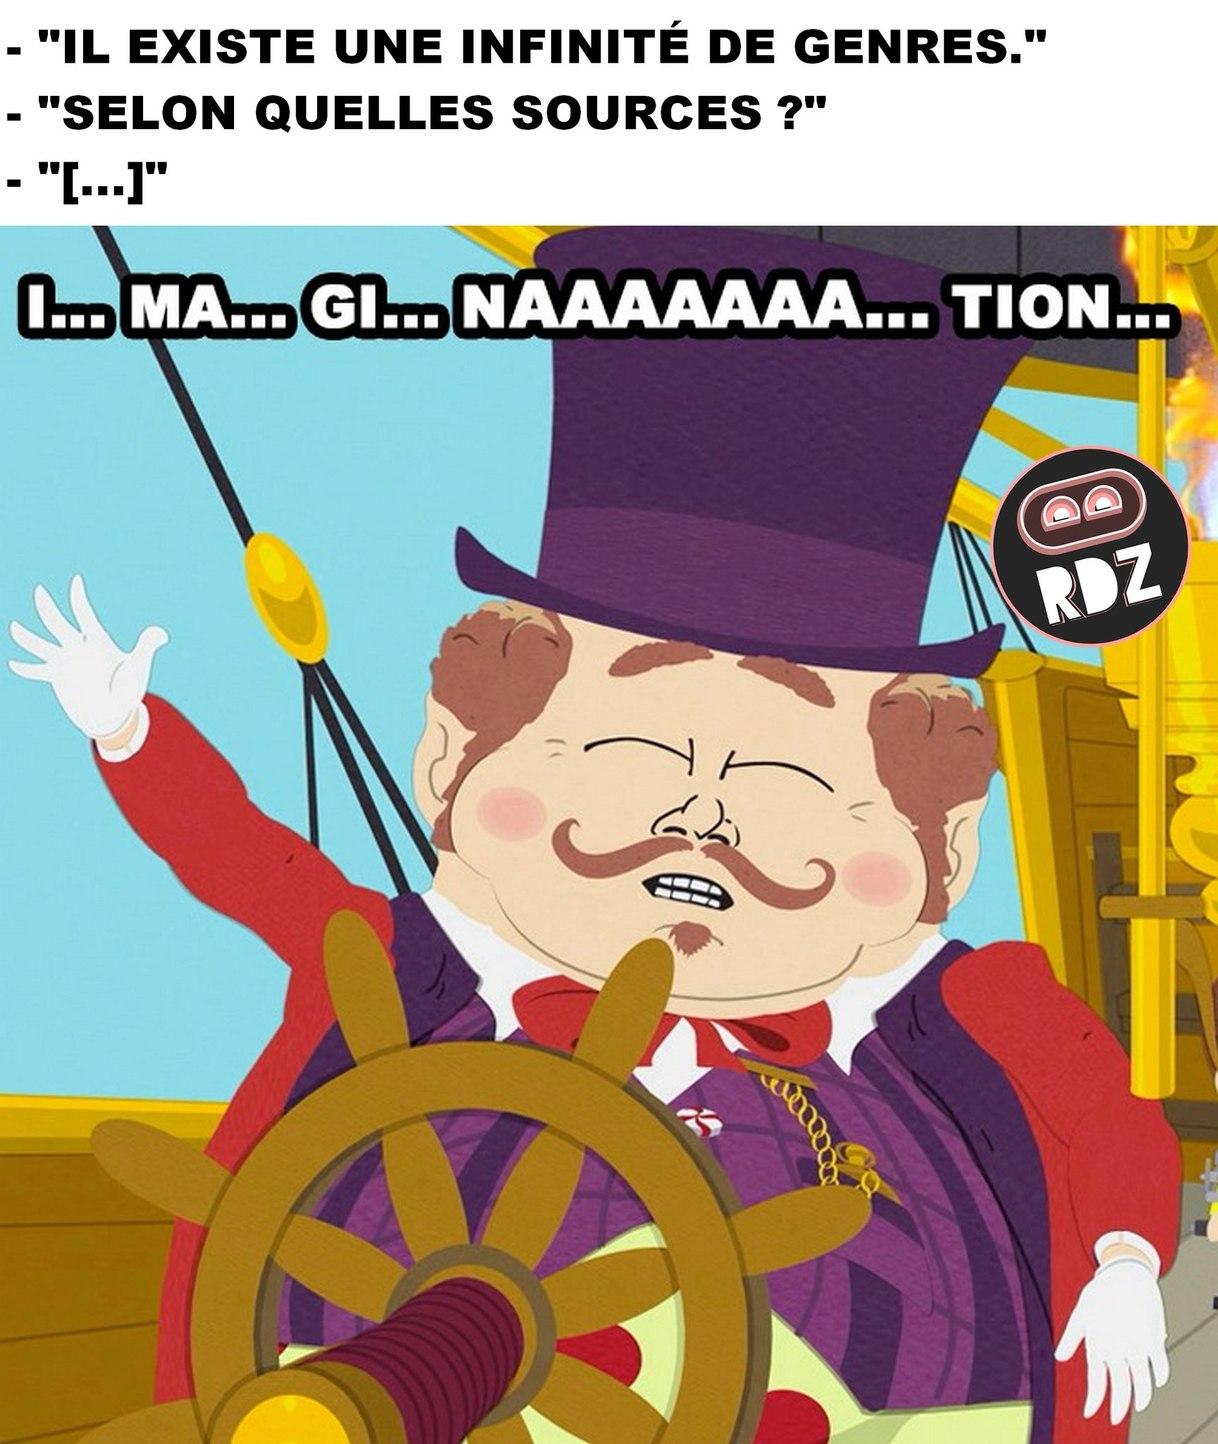 Meilleur épisode de South Park - meme